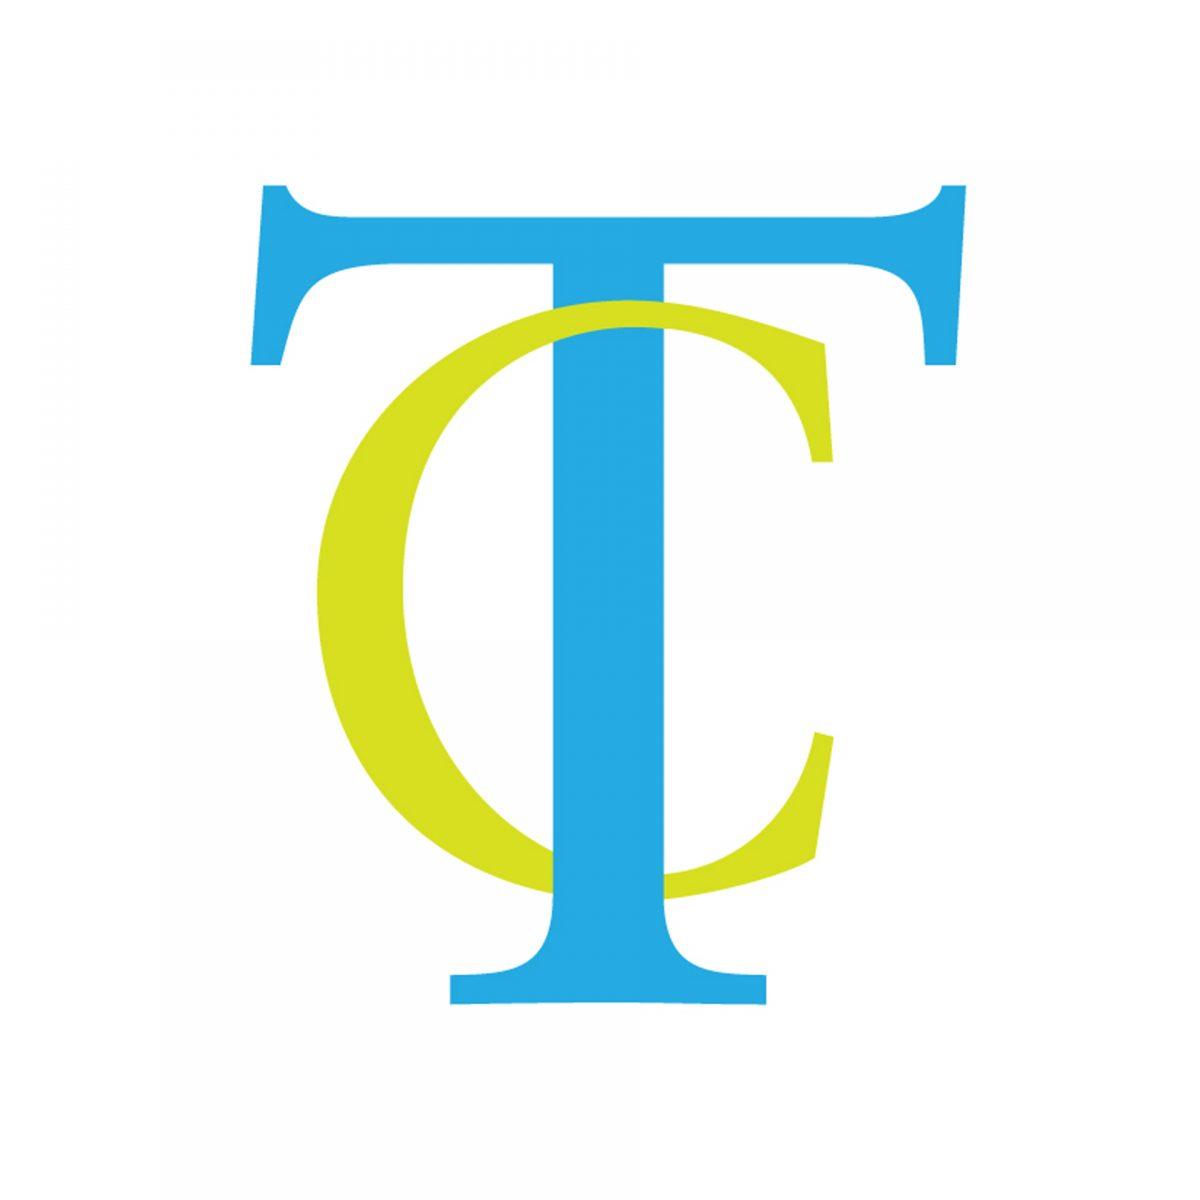 Cade Tompkins Projects